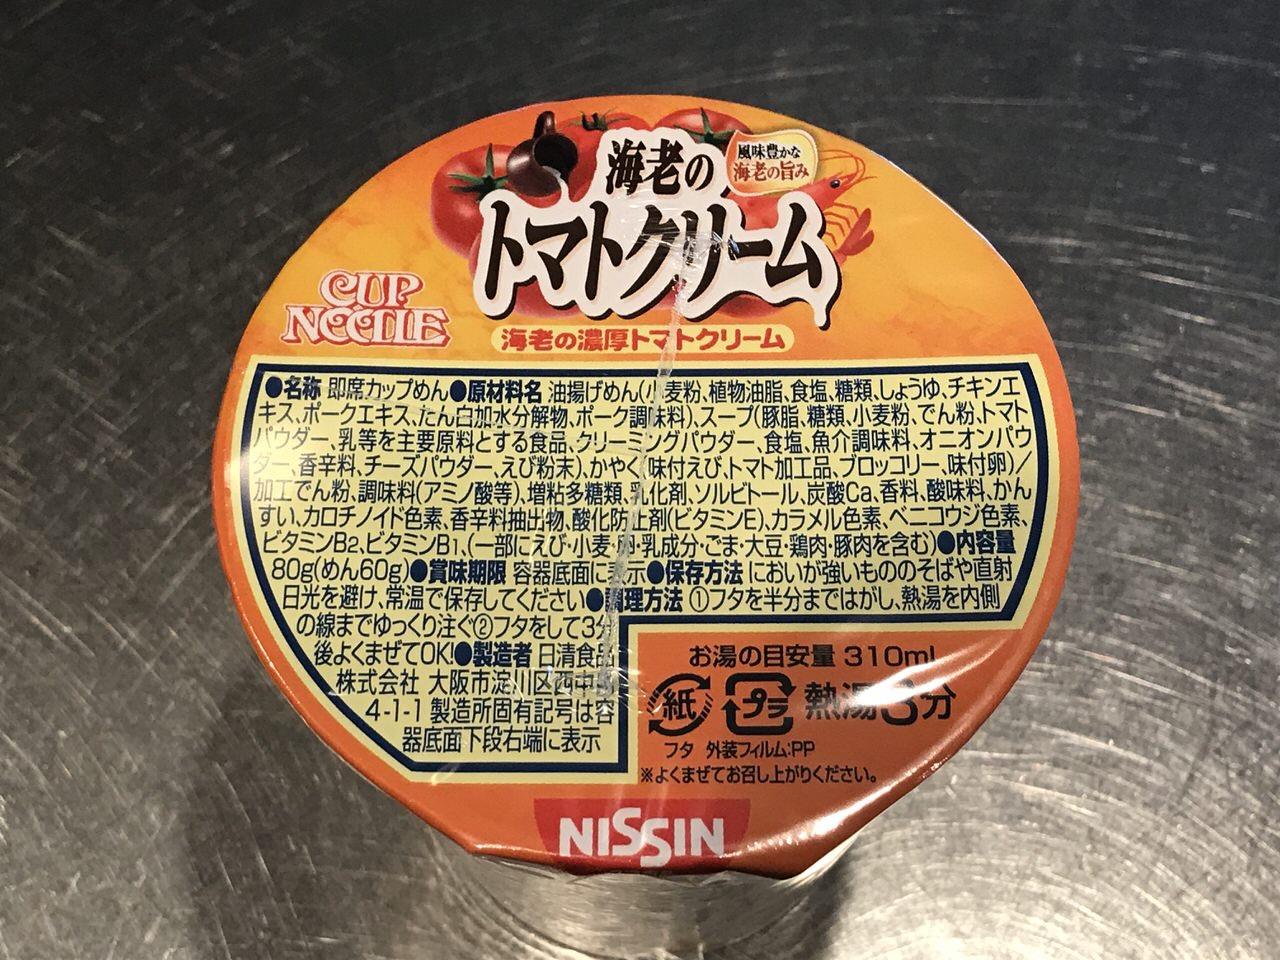 「カップヌードル 海老の濃厚トマトクリーム」トマト感たっぷりスープがマジ濃厚で美味い!!!